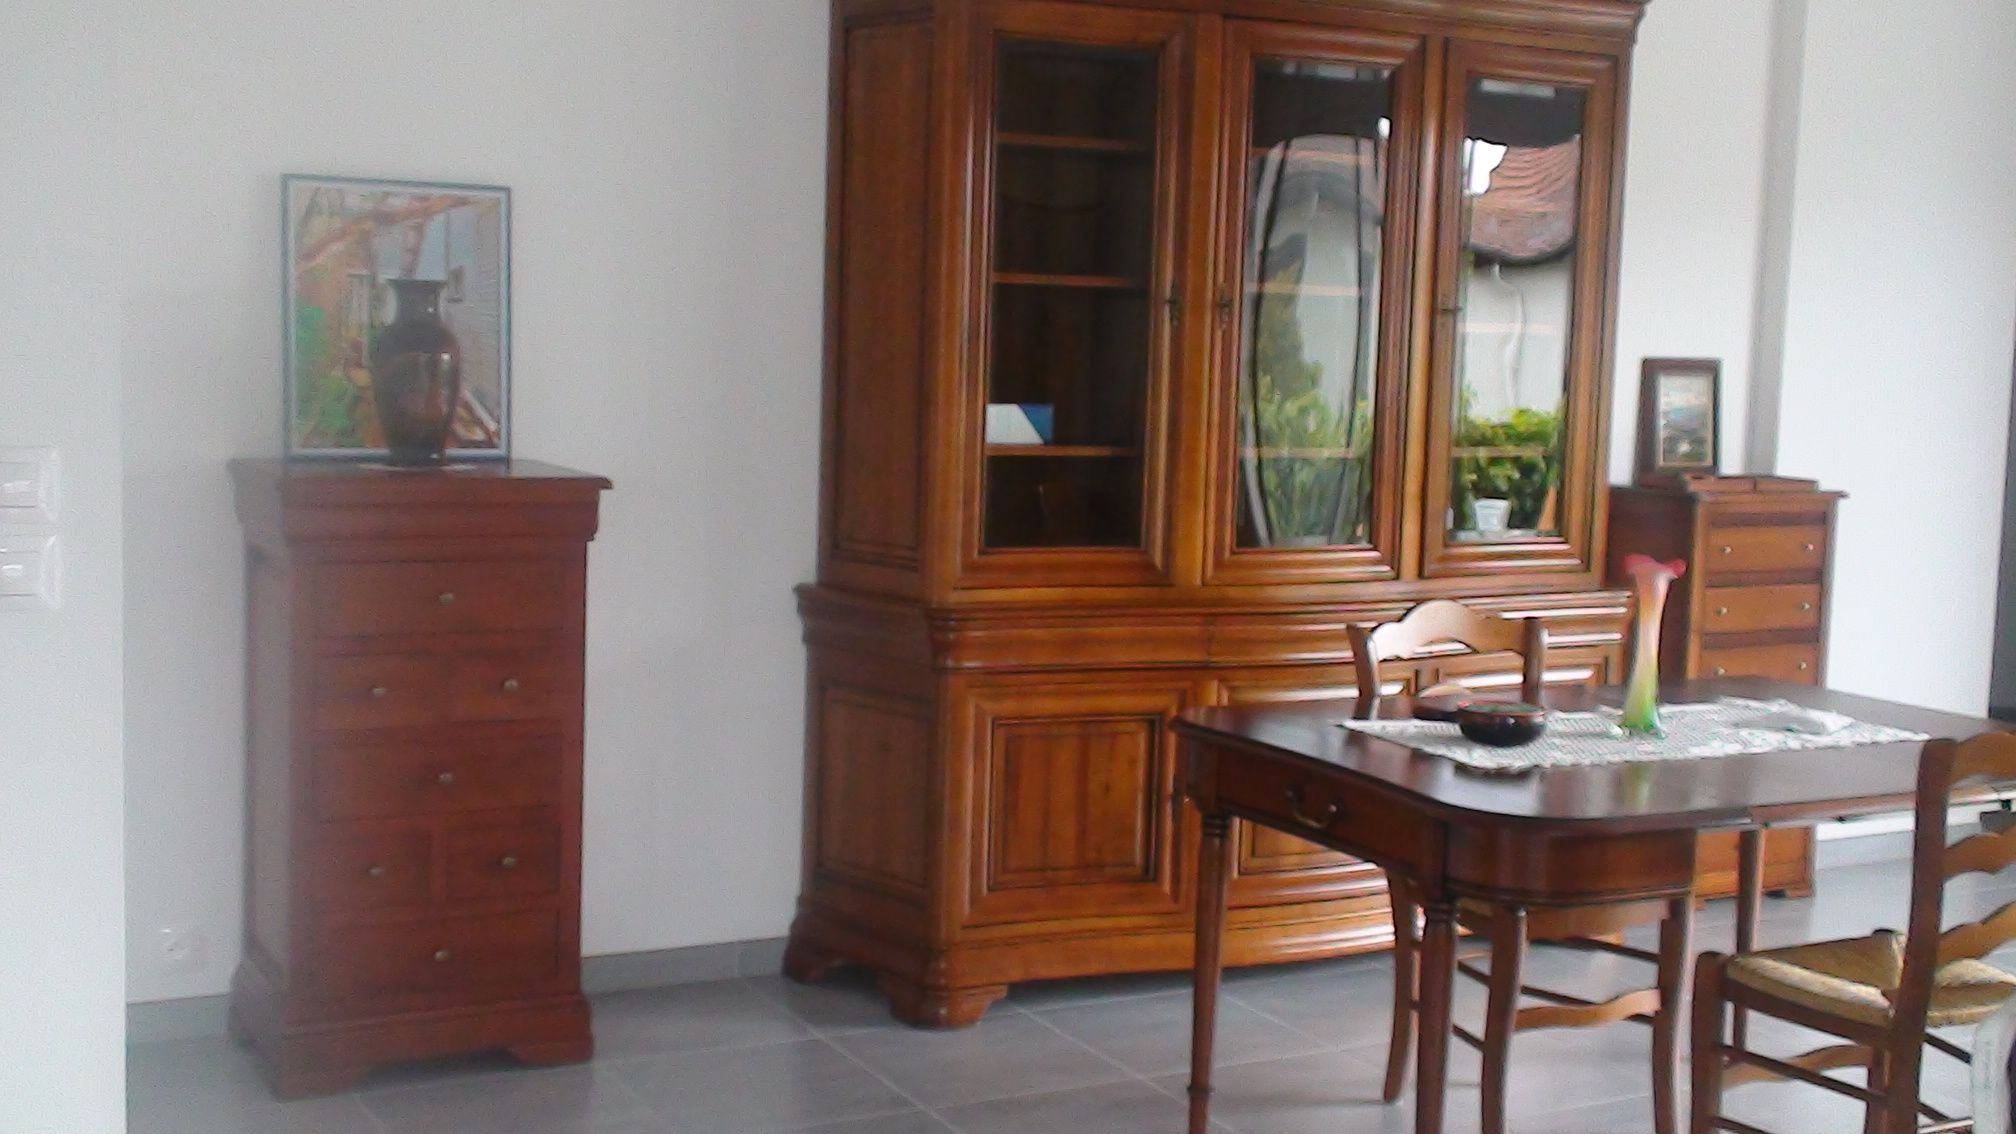 Cuisine-Colocation Andernos-les-Bains 60PLUS & Location Chambre à louer Andernos-les-Bains 60PLUS | Loue chambre meublée Andernos-les-Bains 60PLUS | Logement Andernos-les-Bains 60PLUS